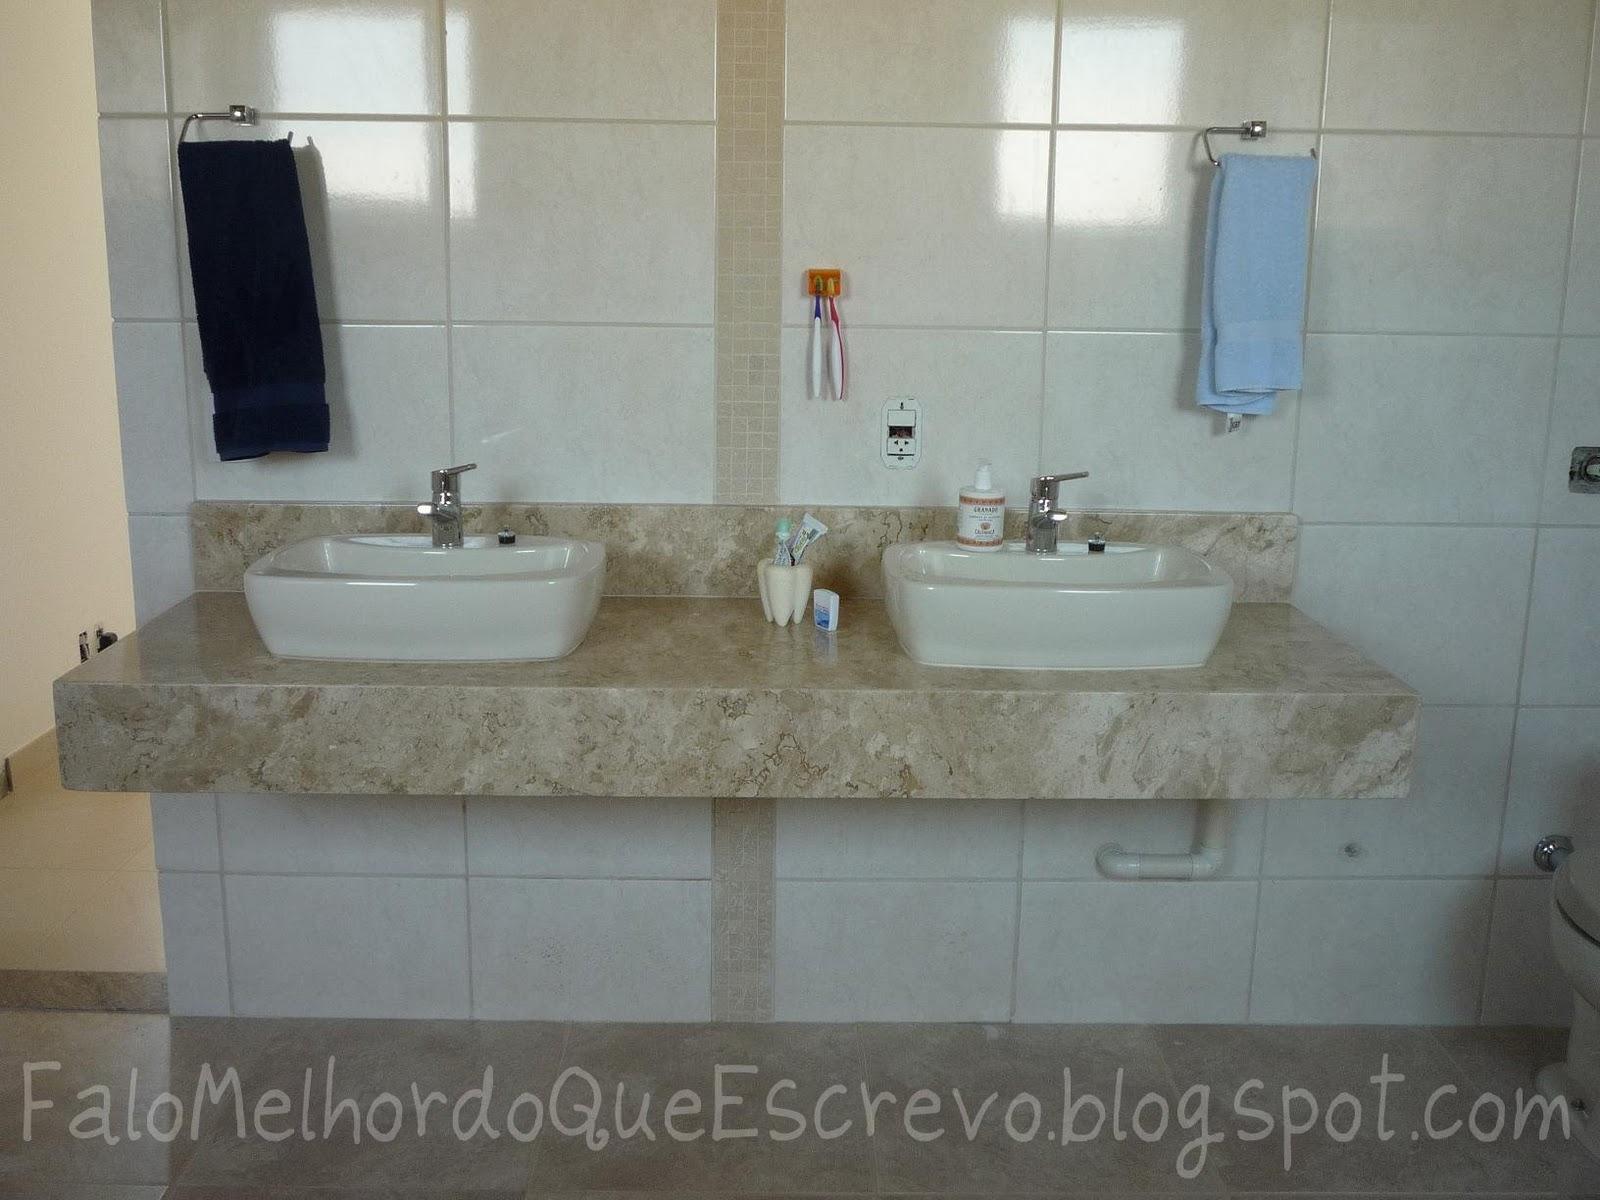 Falo melhor do que escrevo: Espelhos com pastilhas e Selinhos #4B6980 1600x1200 Banheiro Com Pastilha Espelho